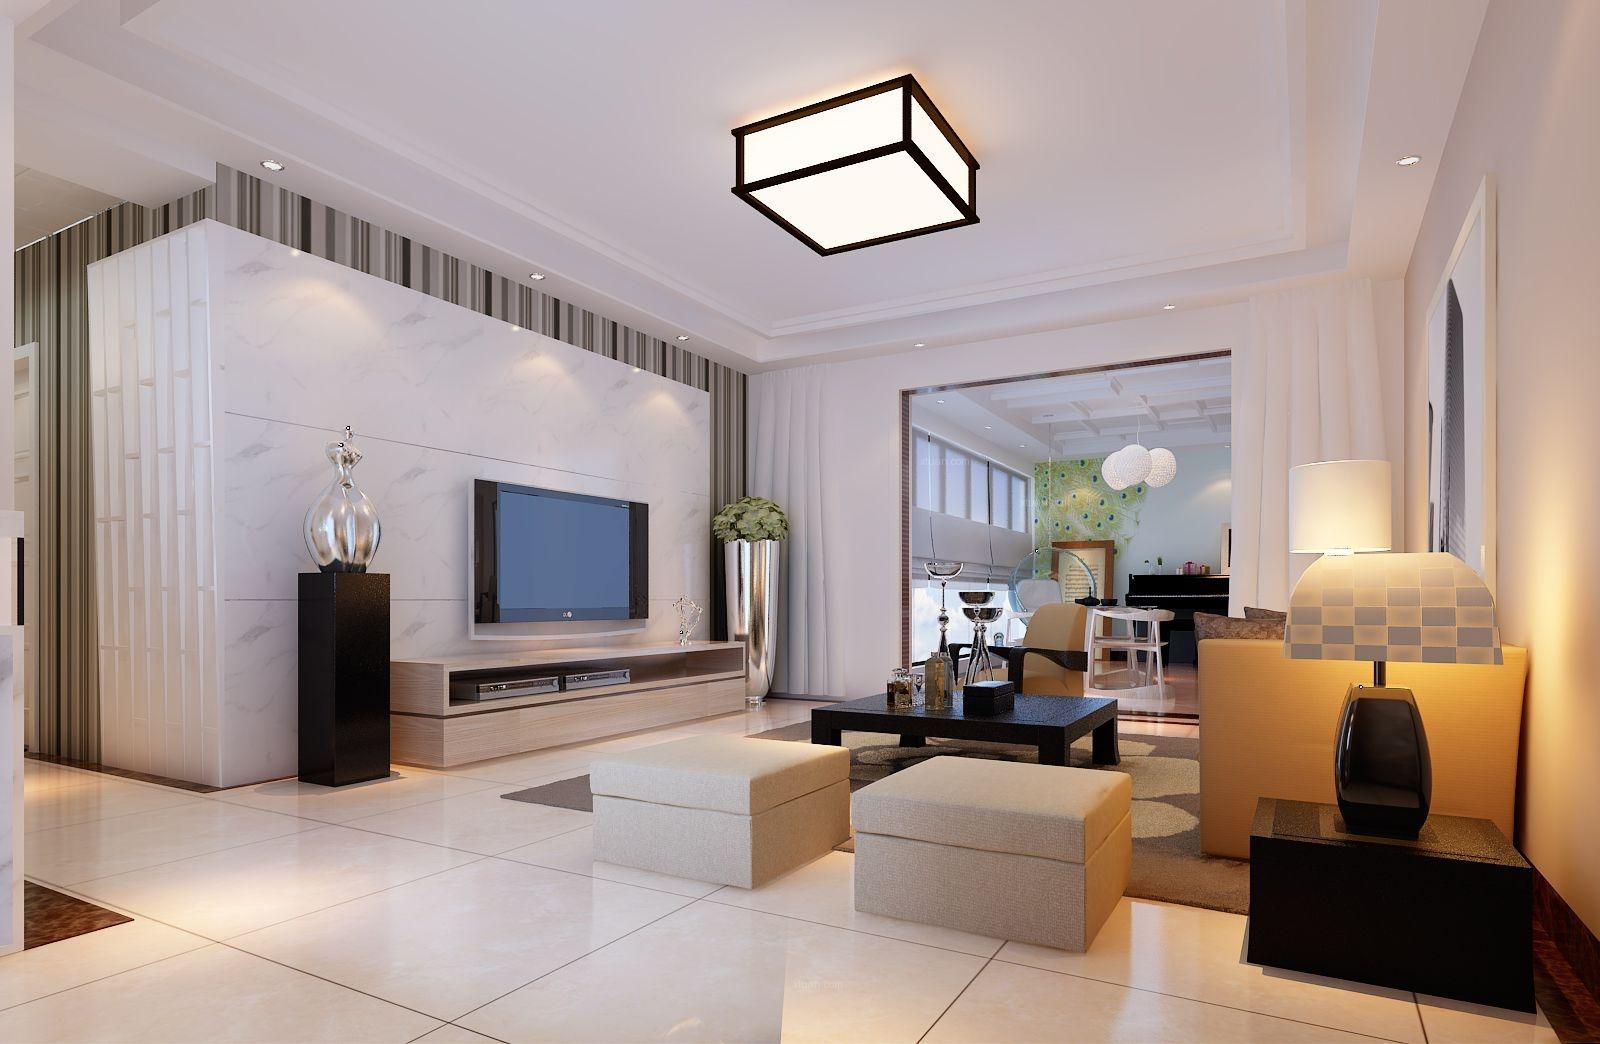 四居室简约风格客厅电视背景墙图片